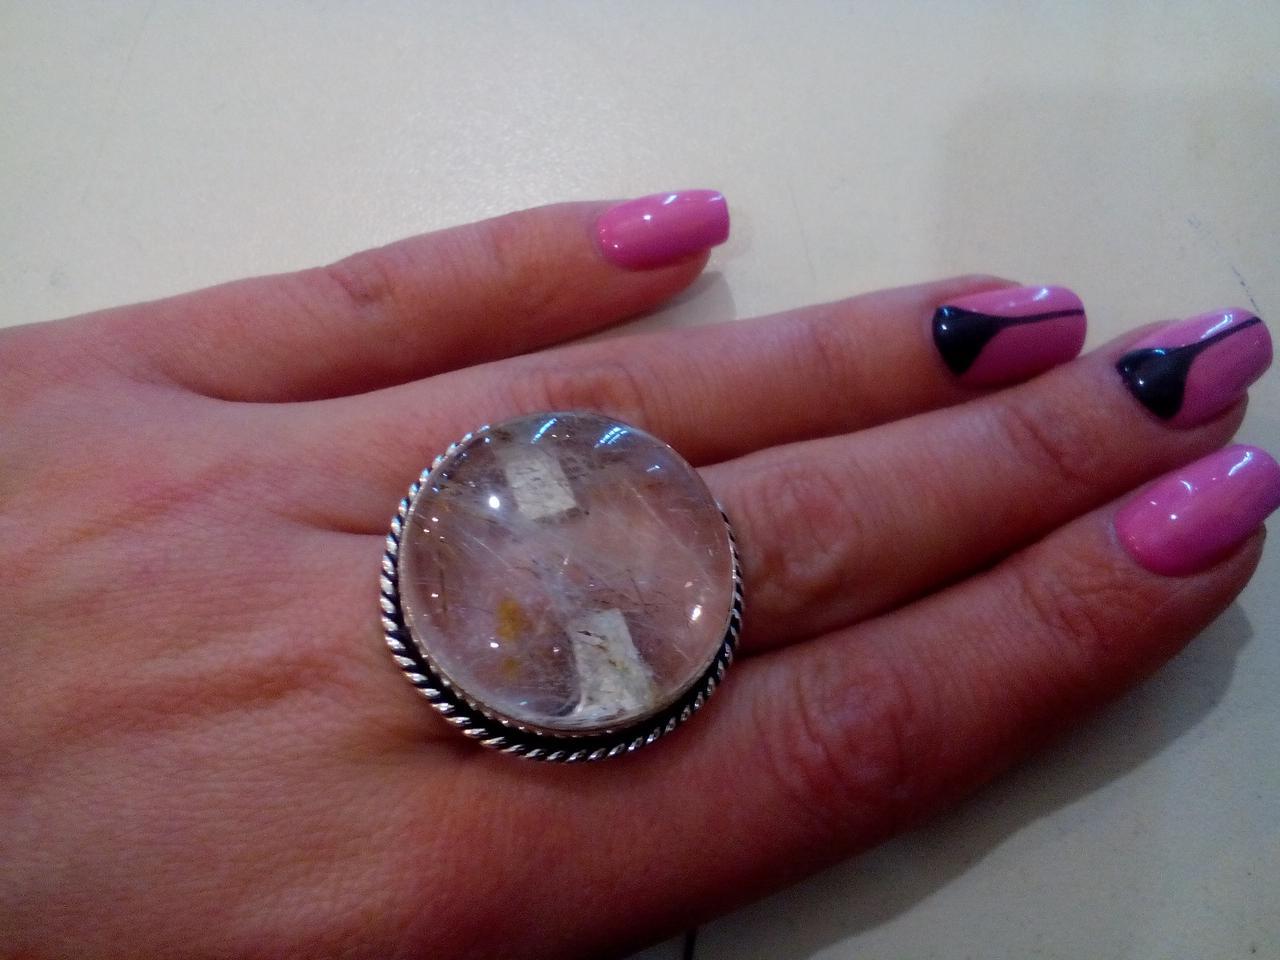 Кольцо круглое с кварцем волосатик кольцо с камнем рутиловый кварц-волосатик в серебре 19 размер Индия